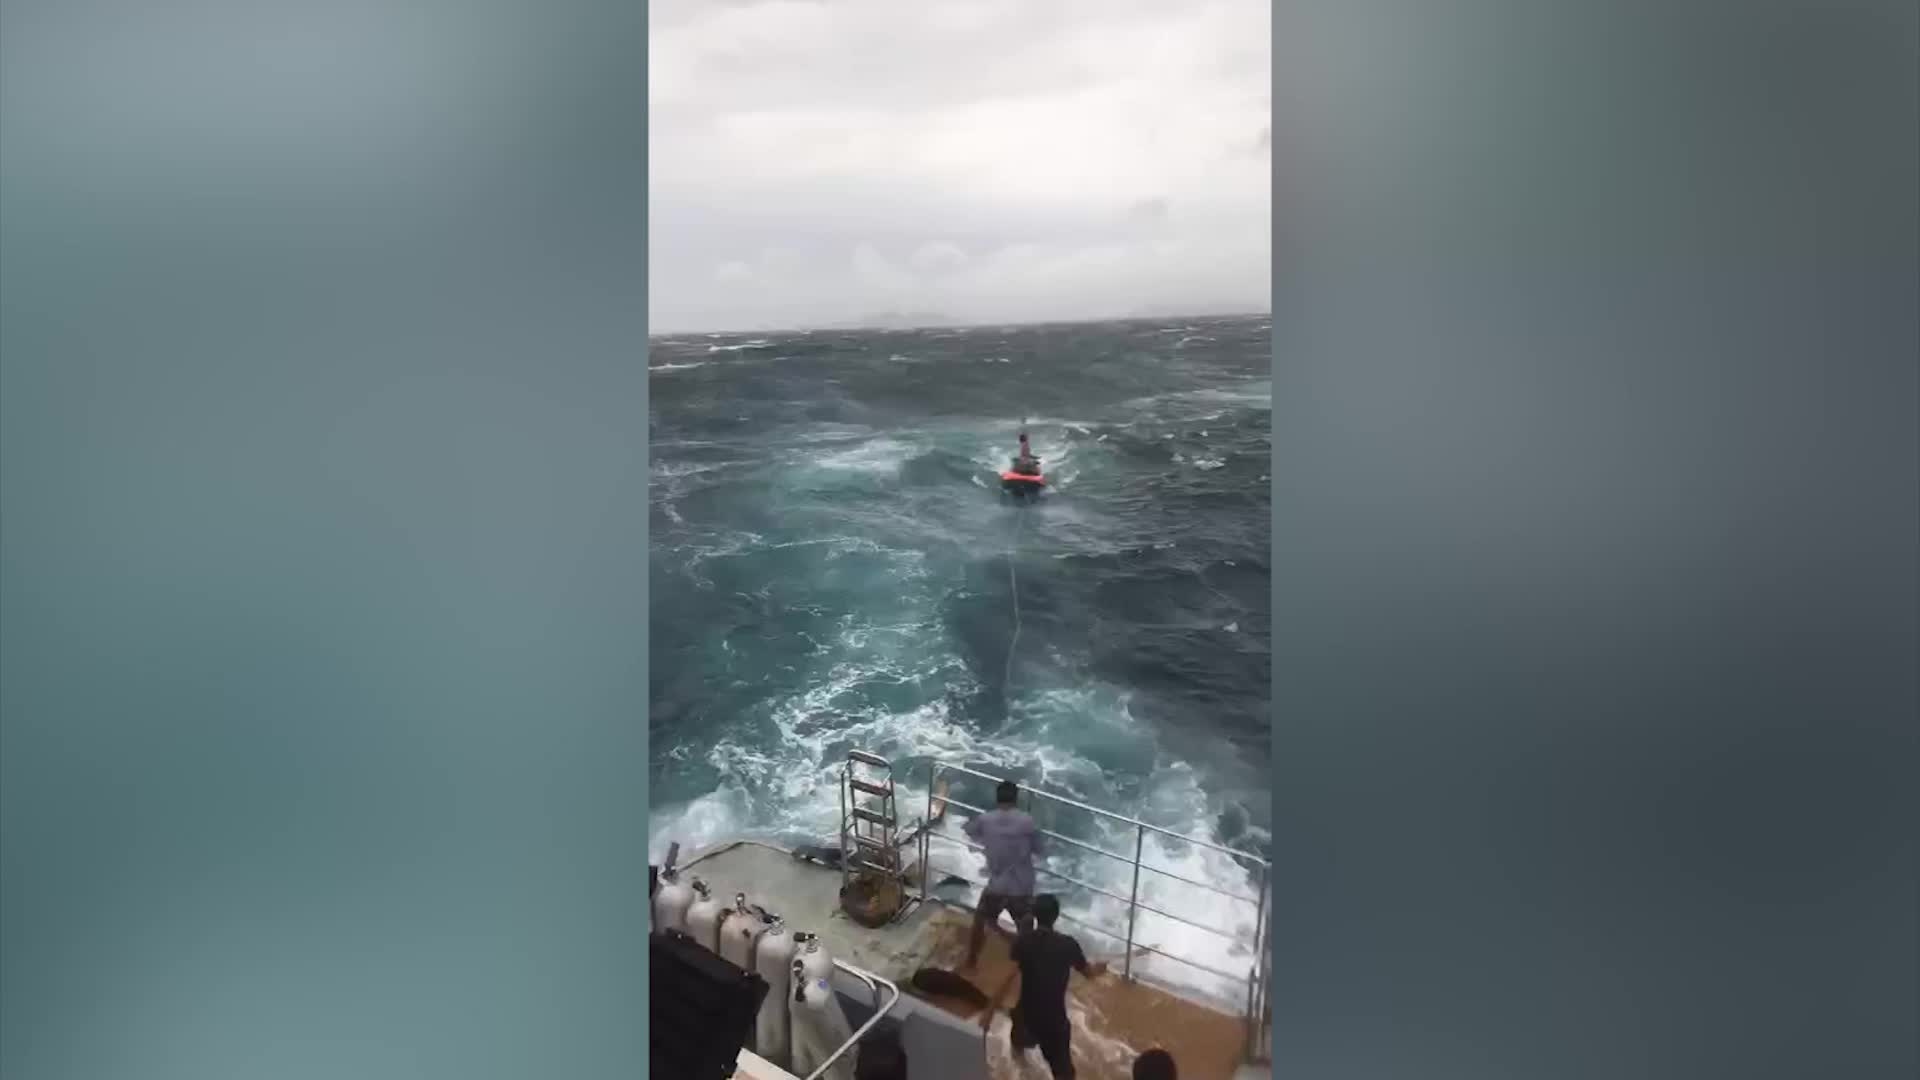 泰国普吉岛沉船事故 浙视频拍友直击救援现场